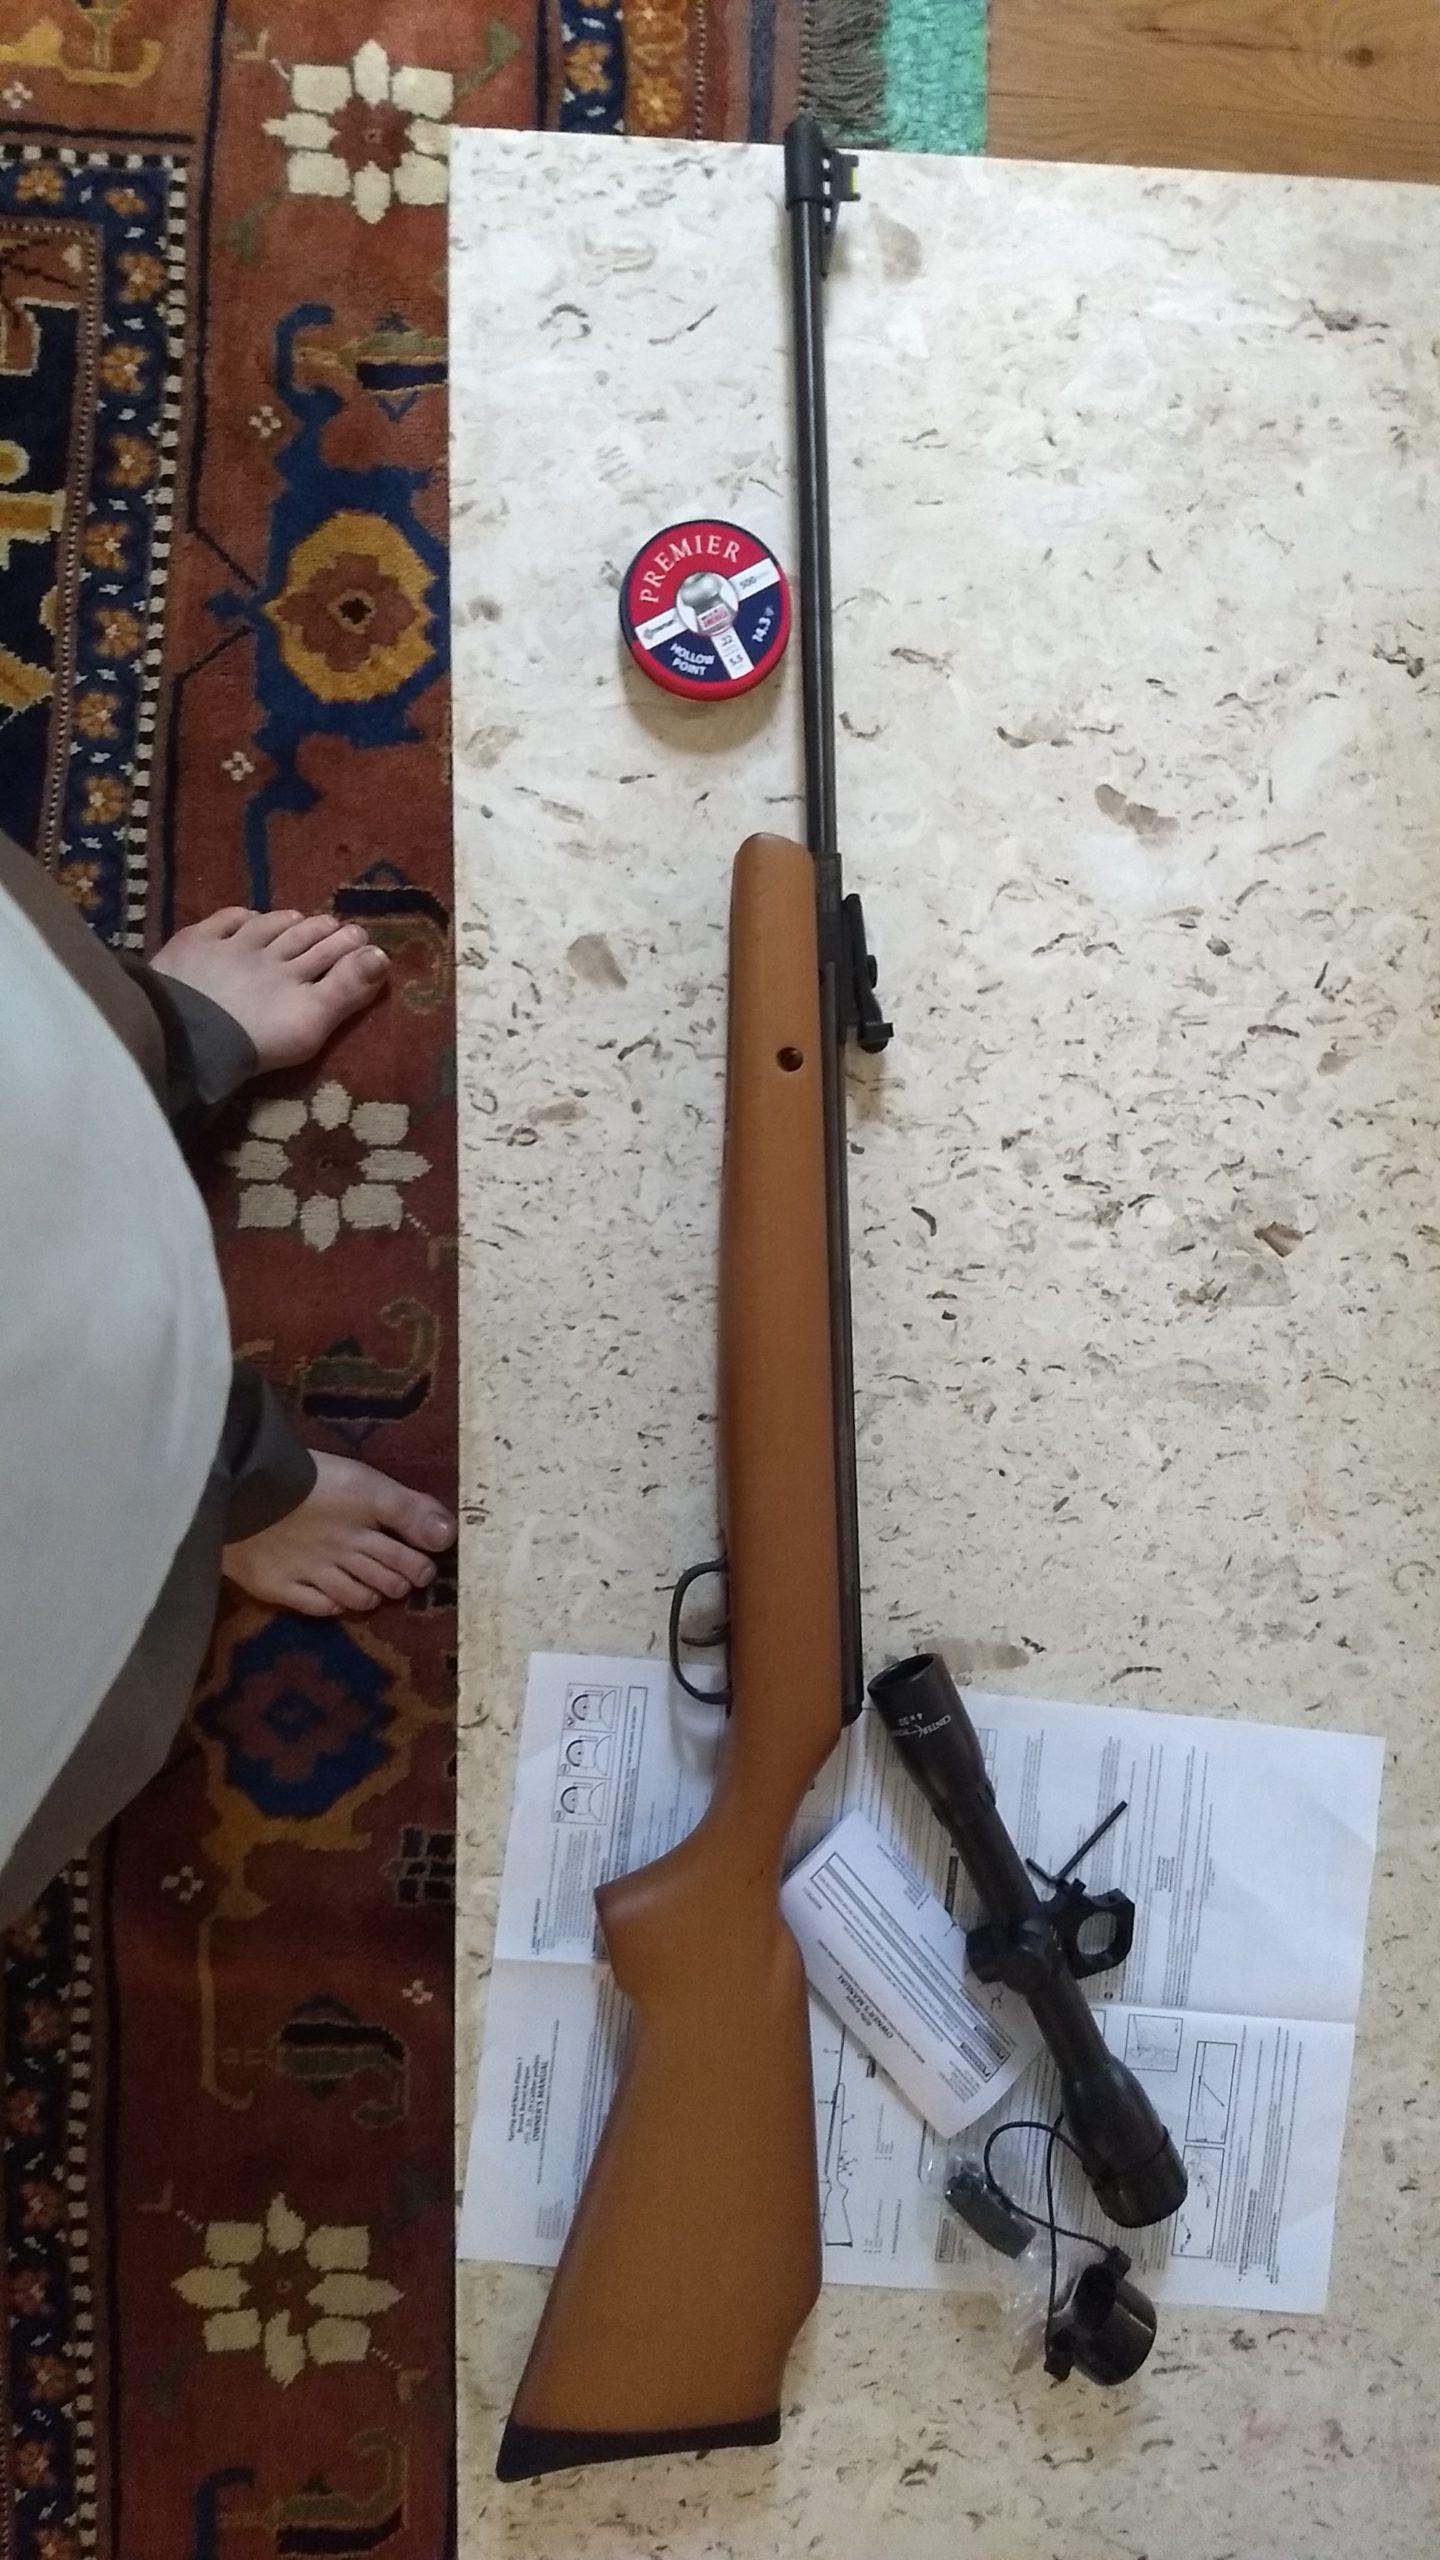 Crossman Air Rifle